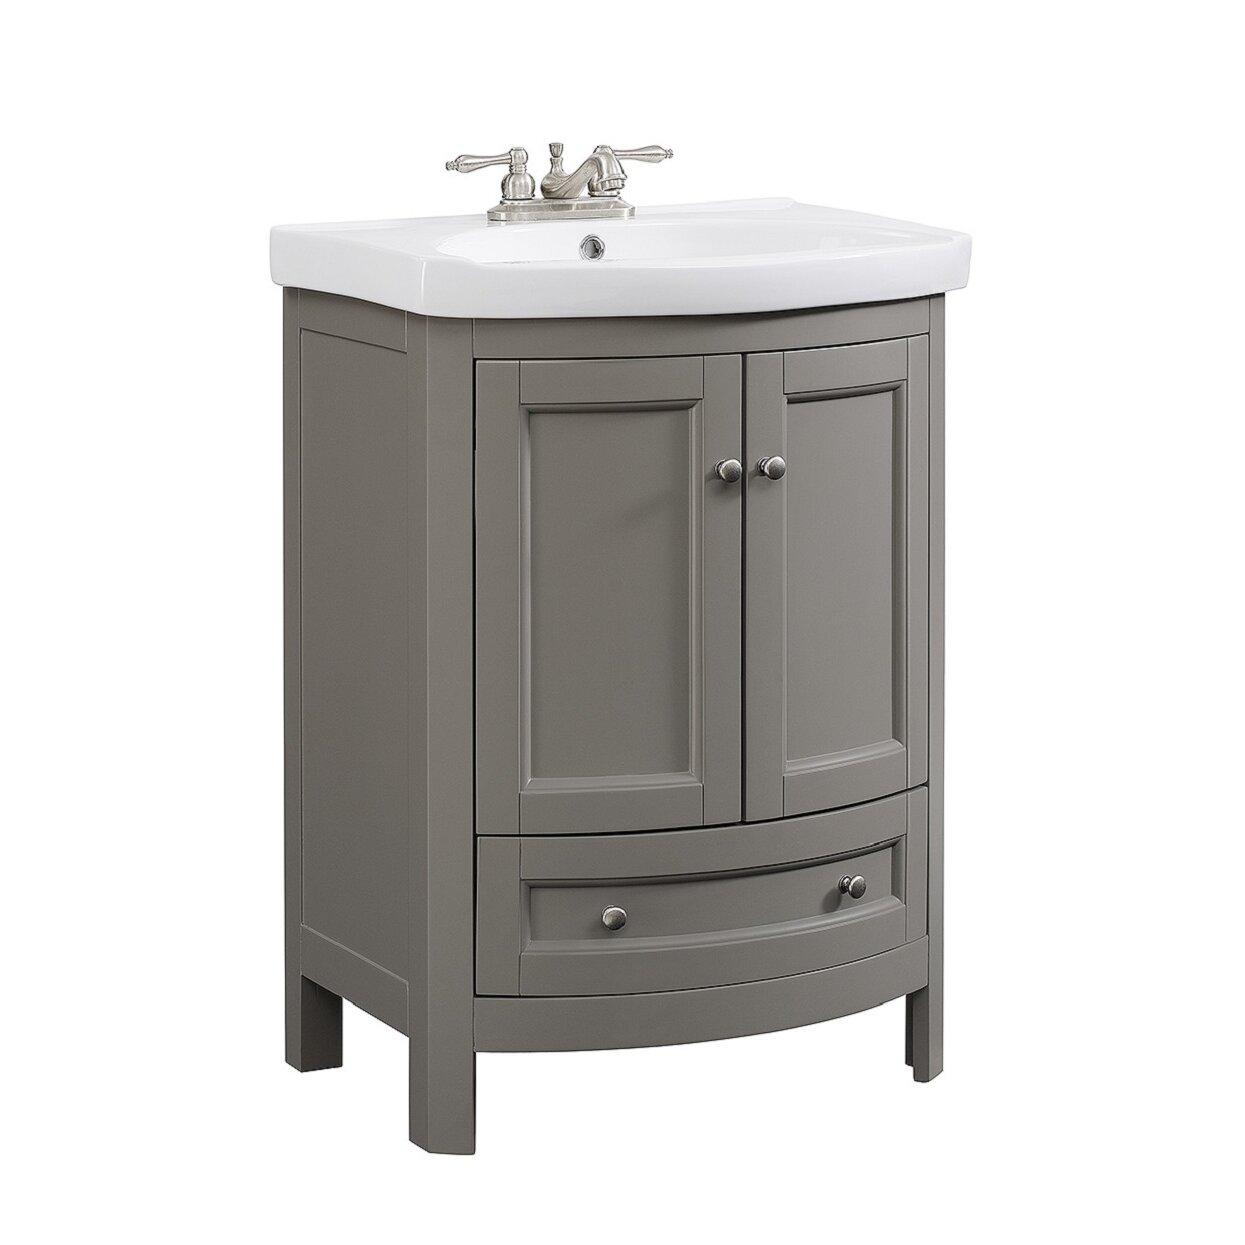 Runfine group 24 single all wood modern vanity set for All modern bathroom vanity